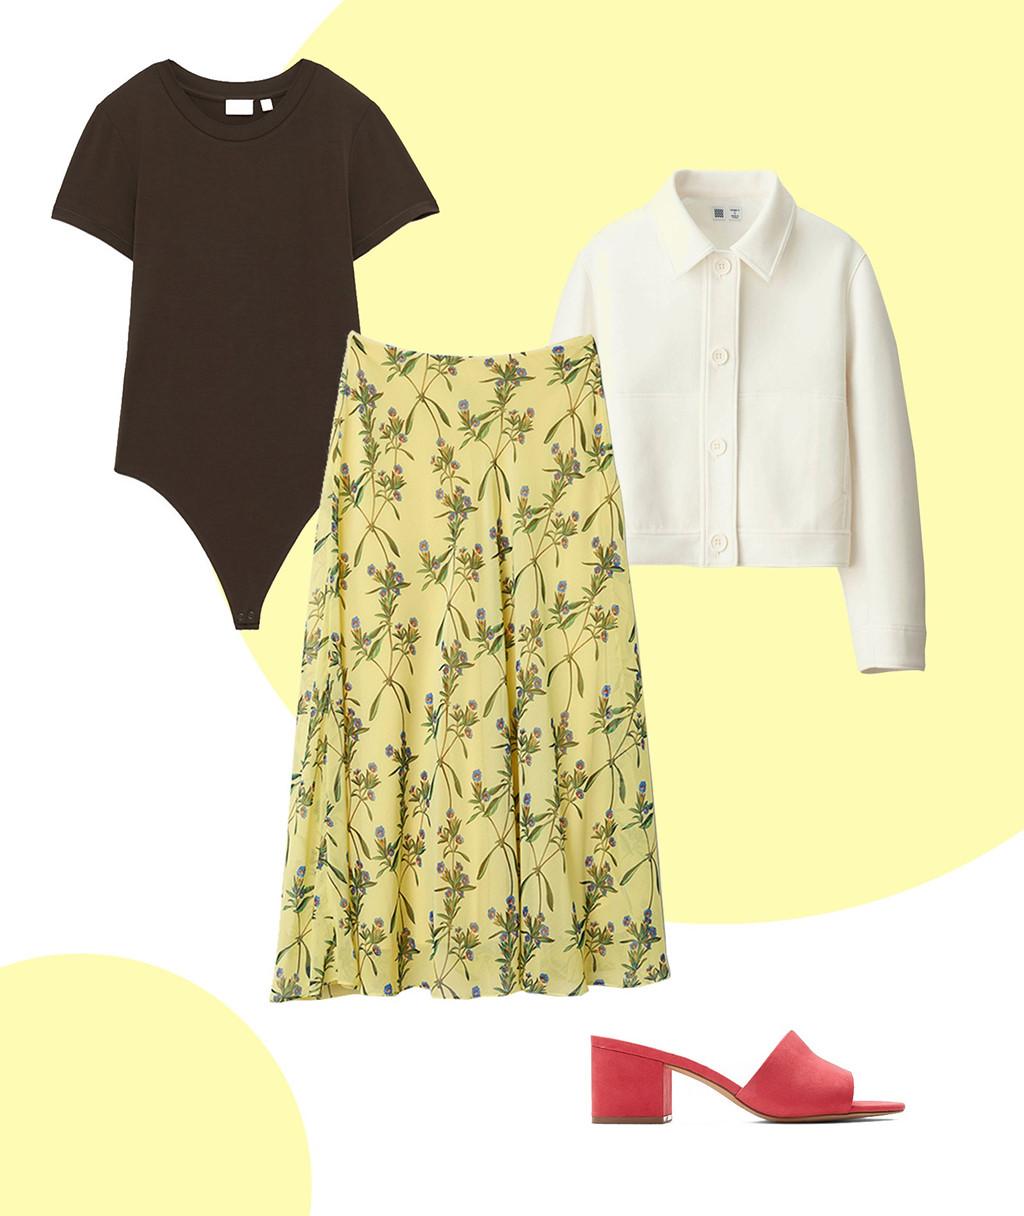 1 chiếc váy hoa dài qua gối - 8 cách phối đồ cực điệu đà, nữ tính giúp nàng đùi to che khuyết điểm - Ảnh 4